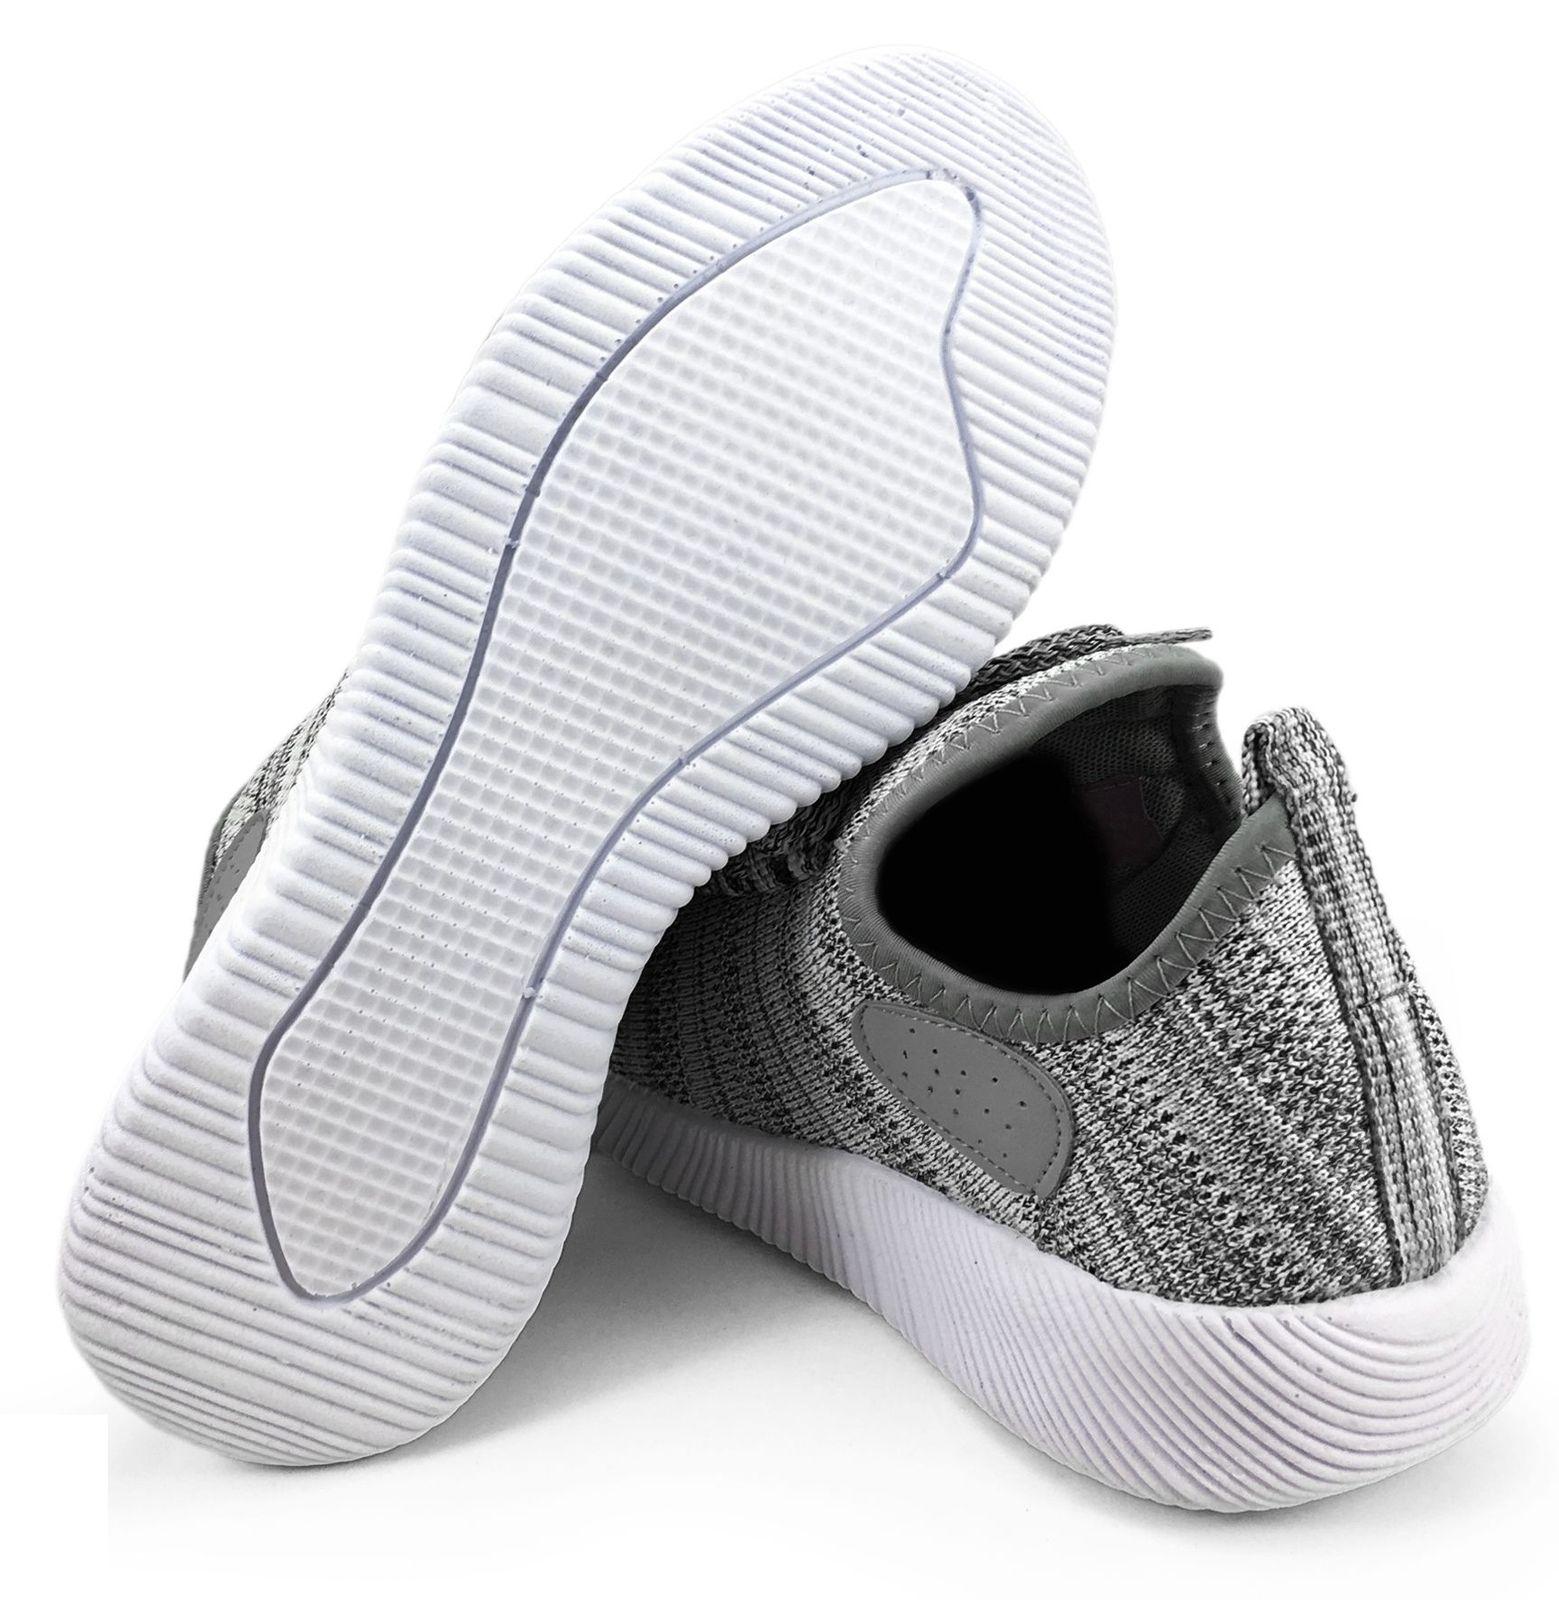 کفش مخصوص دویدن مردانه مدل اسکای کد 4105 main 1 5